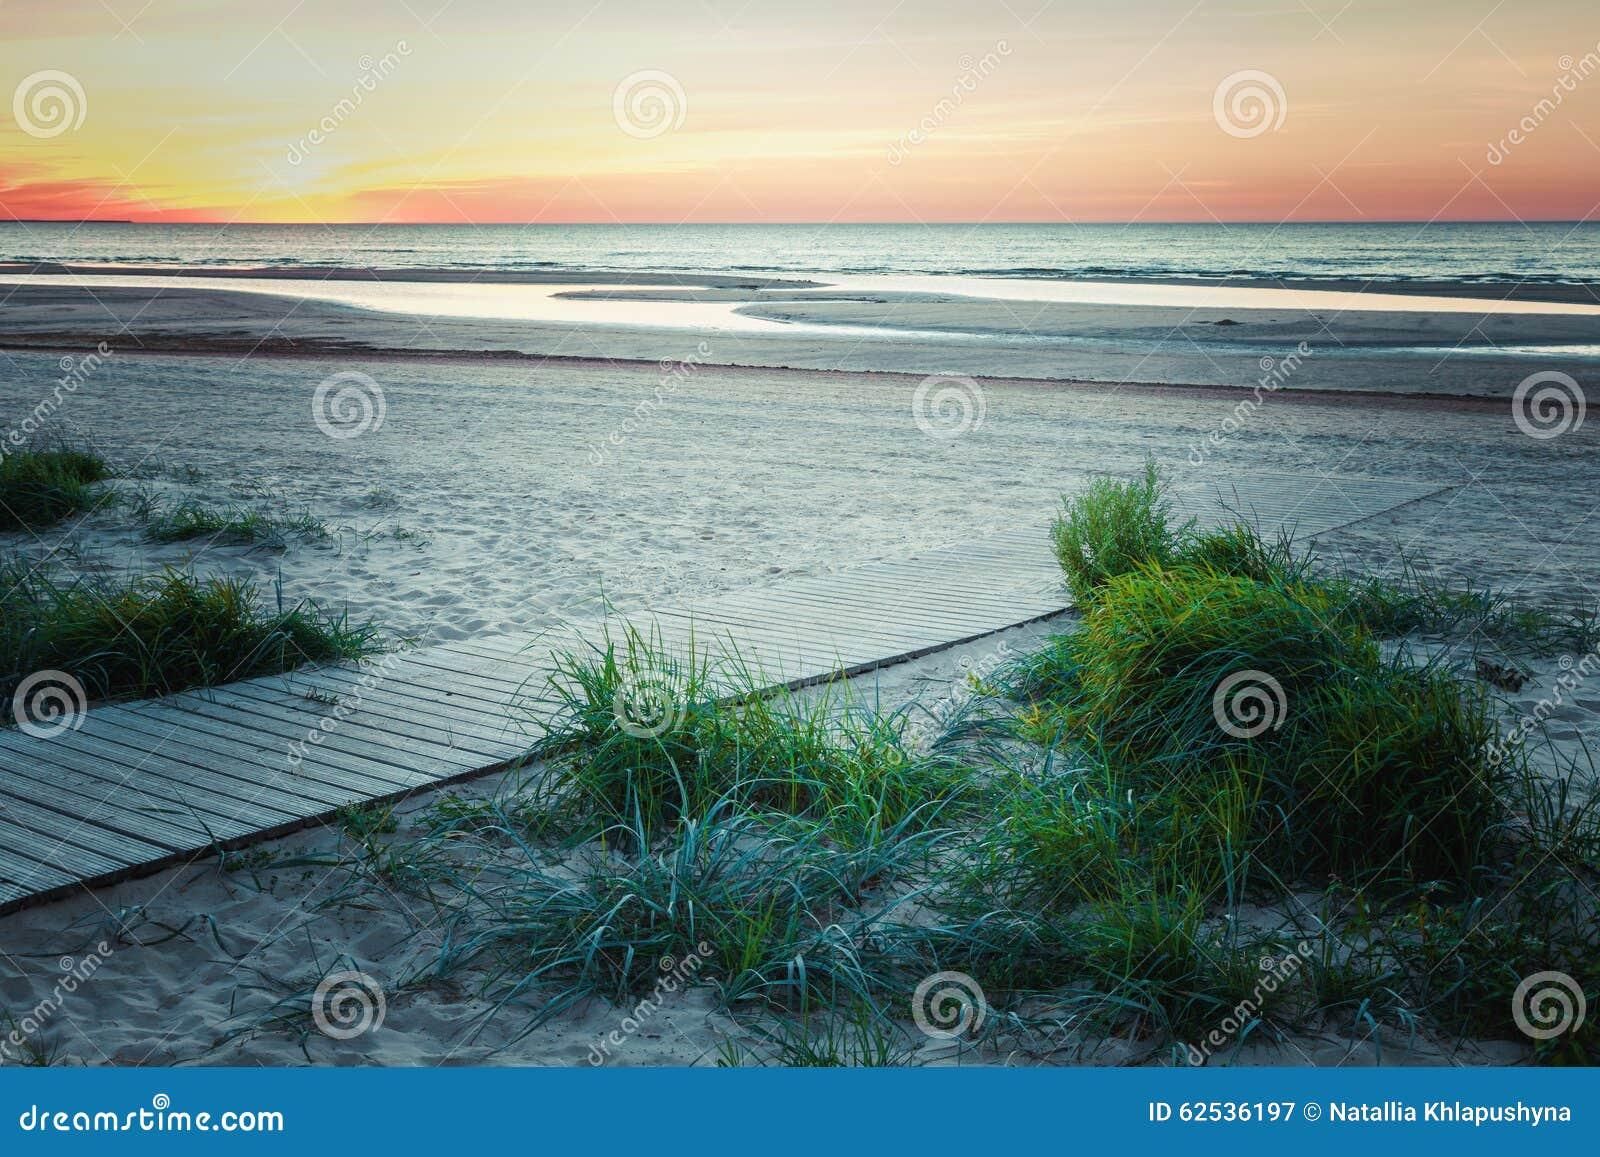 木小径向日落的海